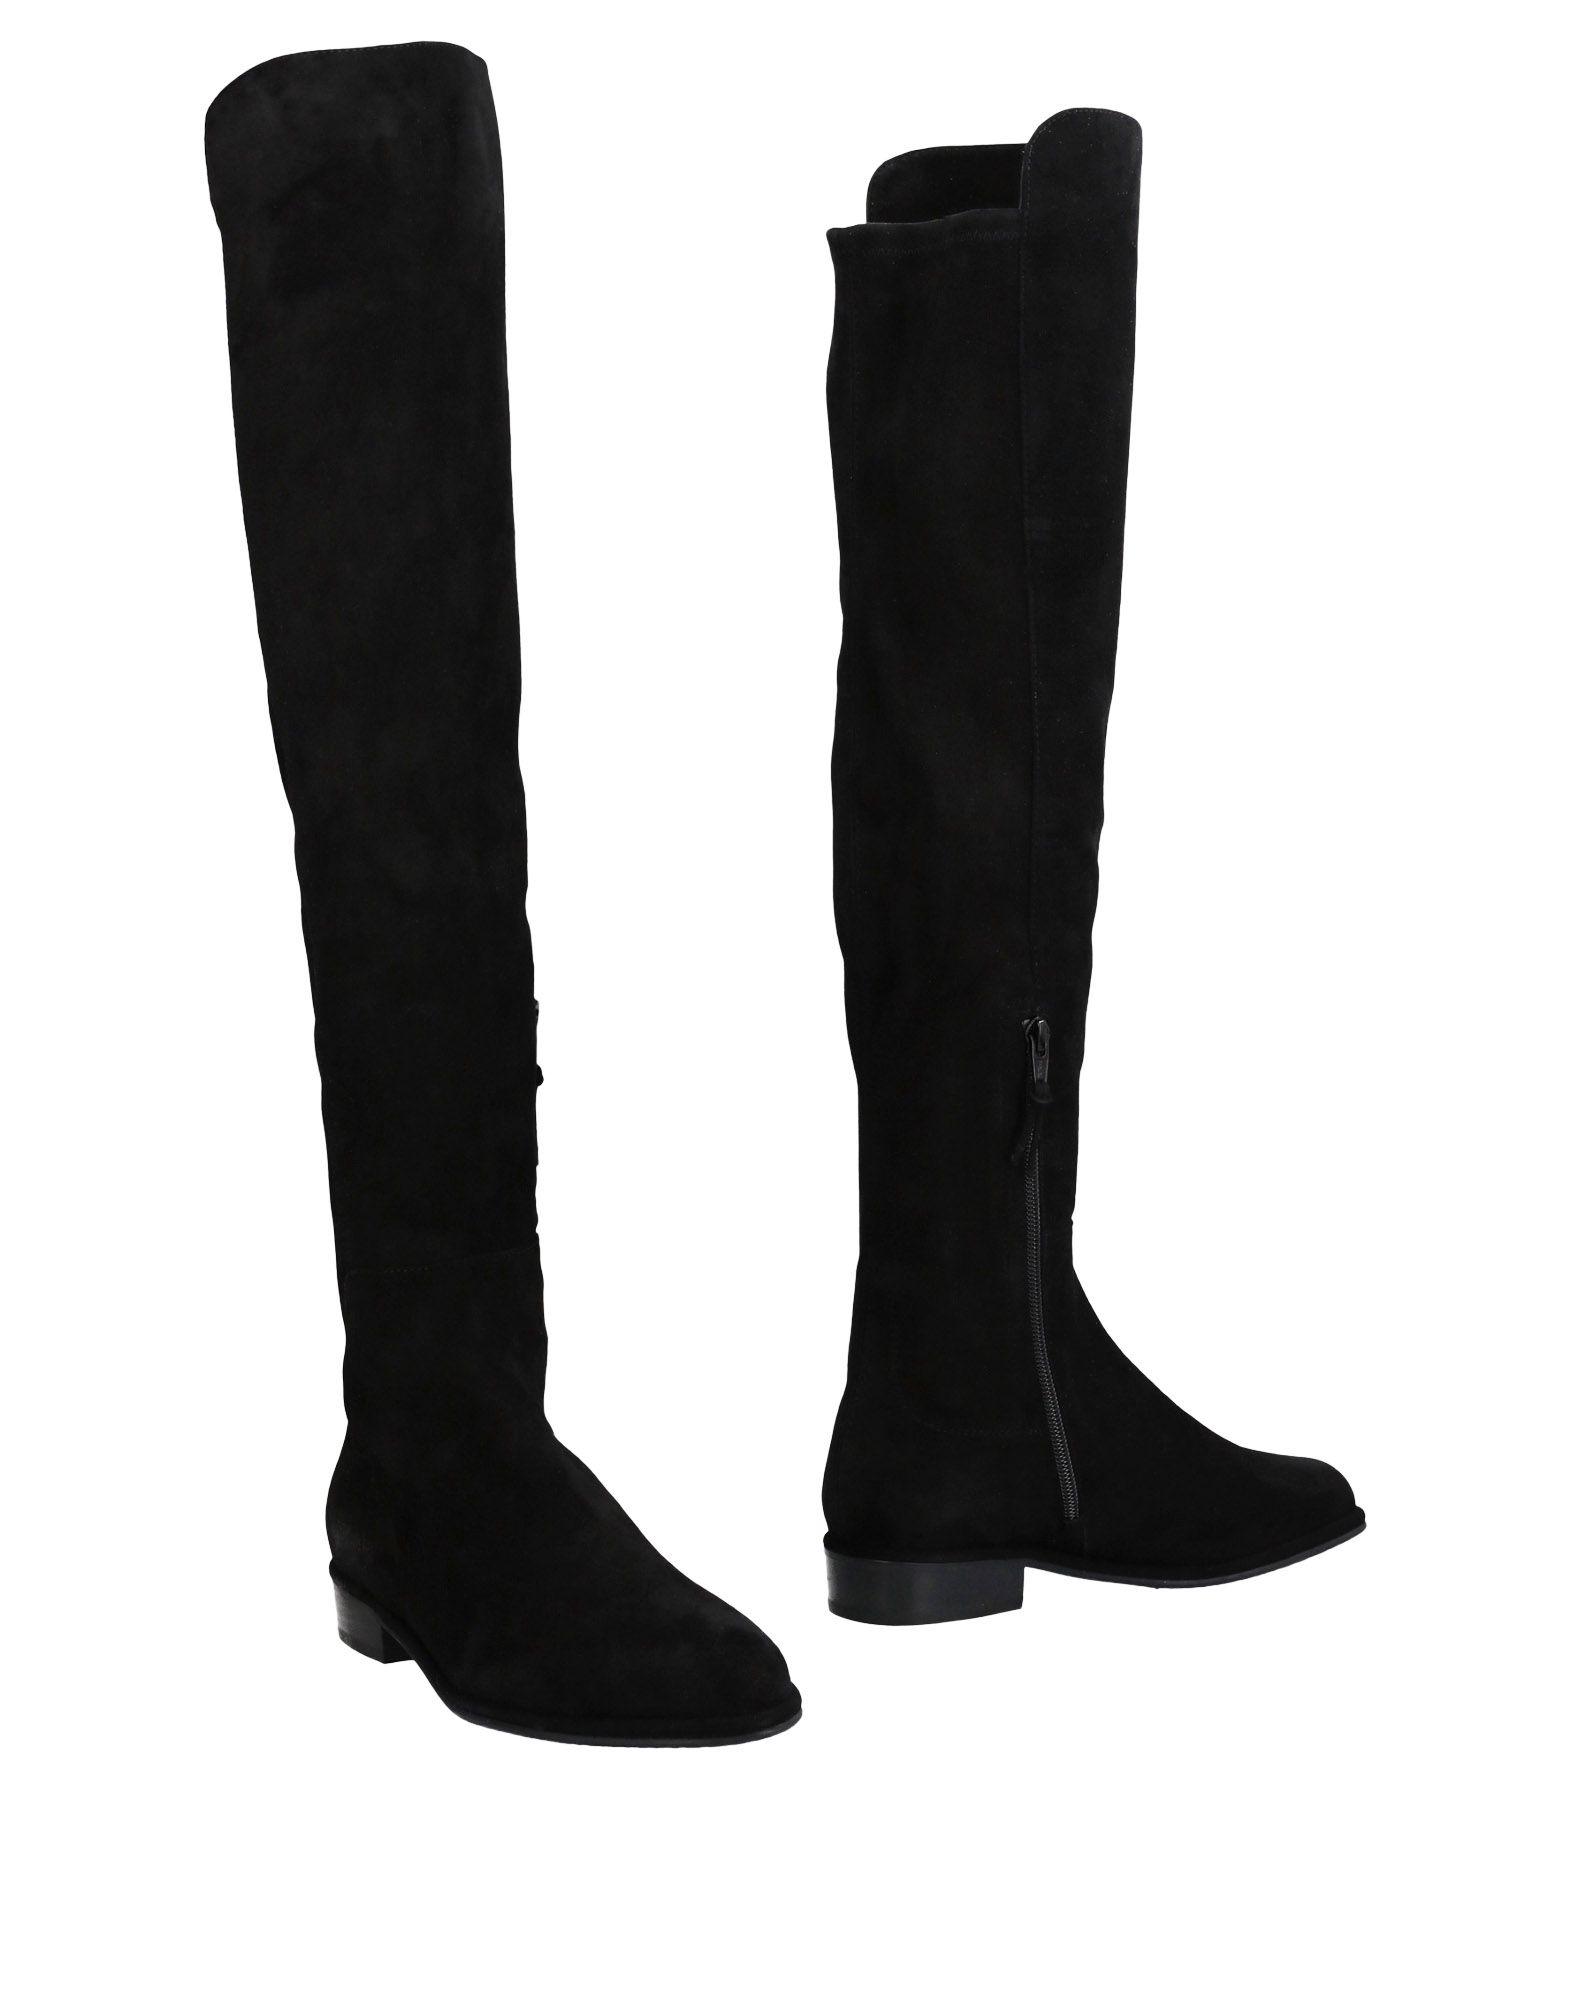 Stuart Weitzman Stiefel Damen  Schuhe 11484862BFGünstige gut aussehende Schuhe  08527a